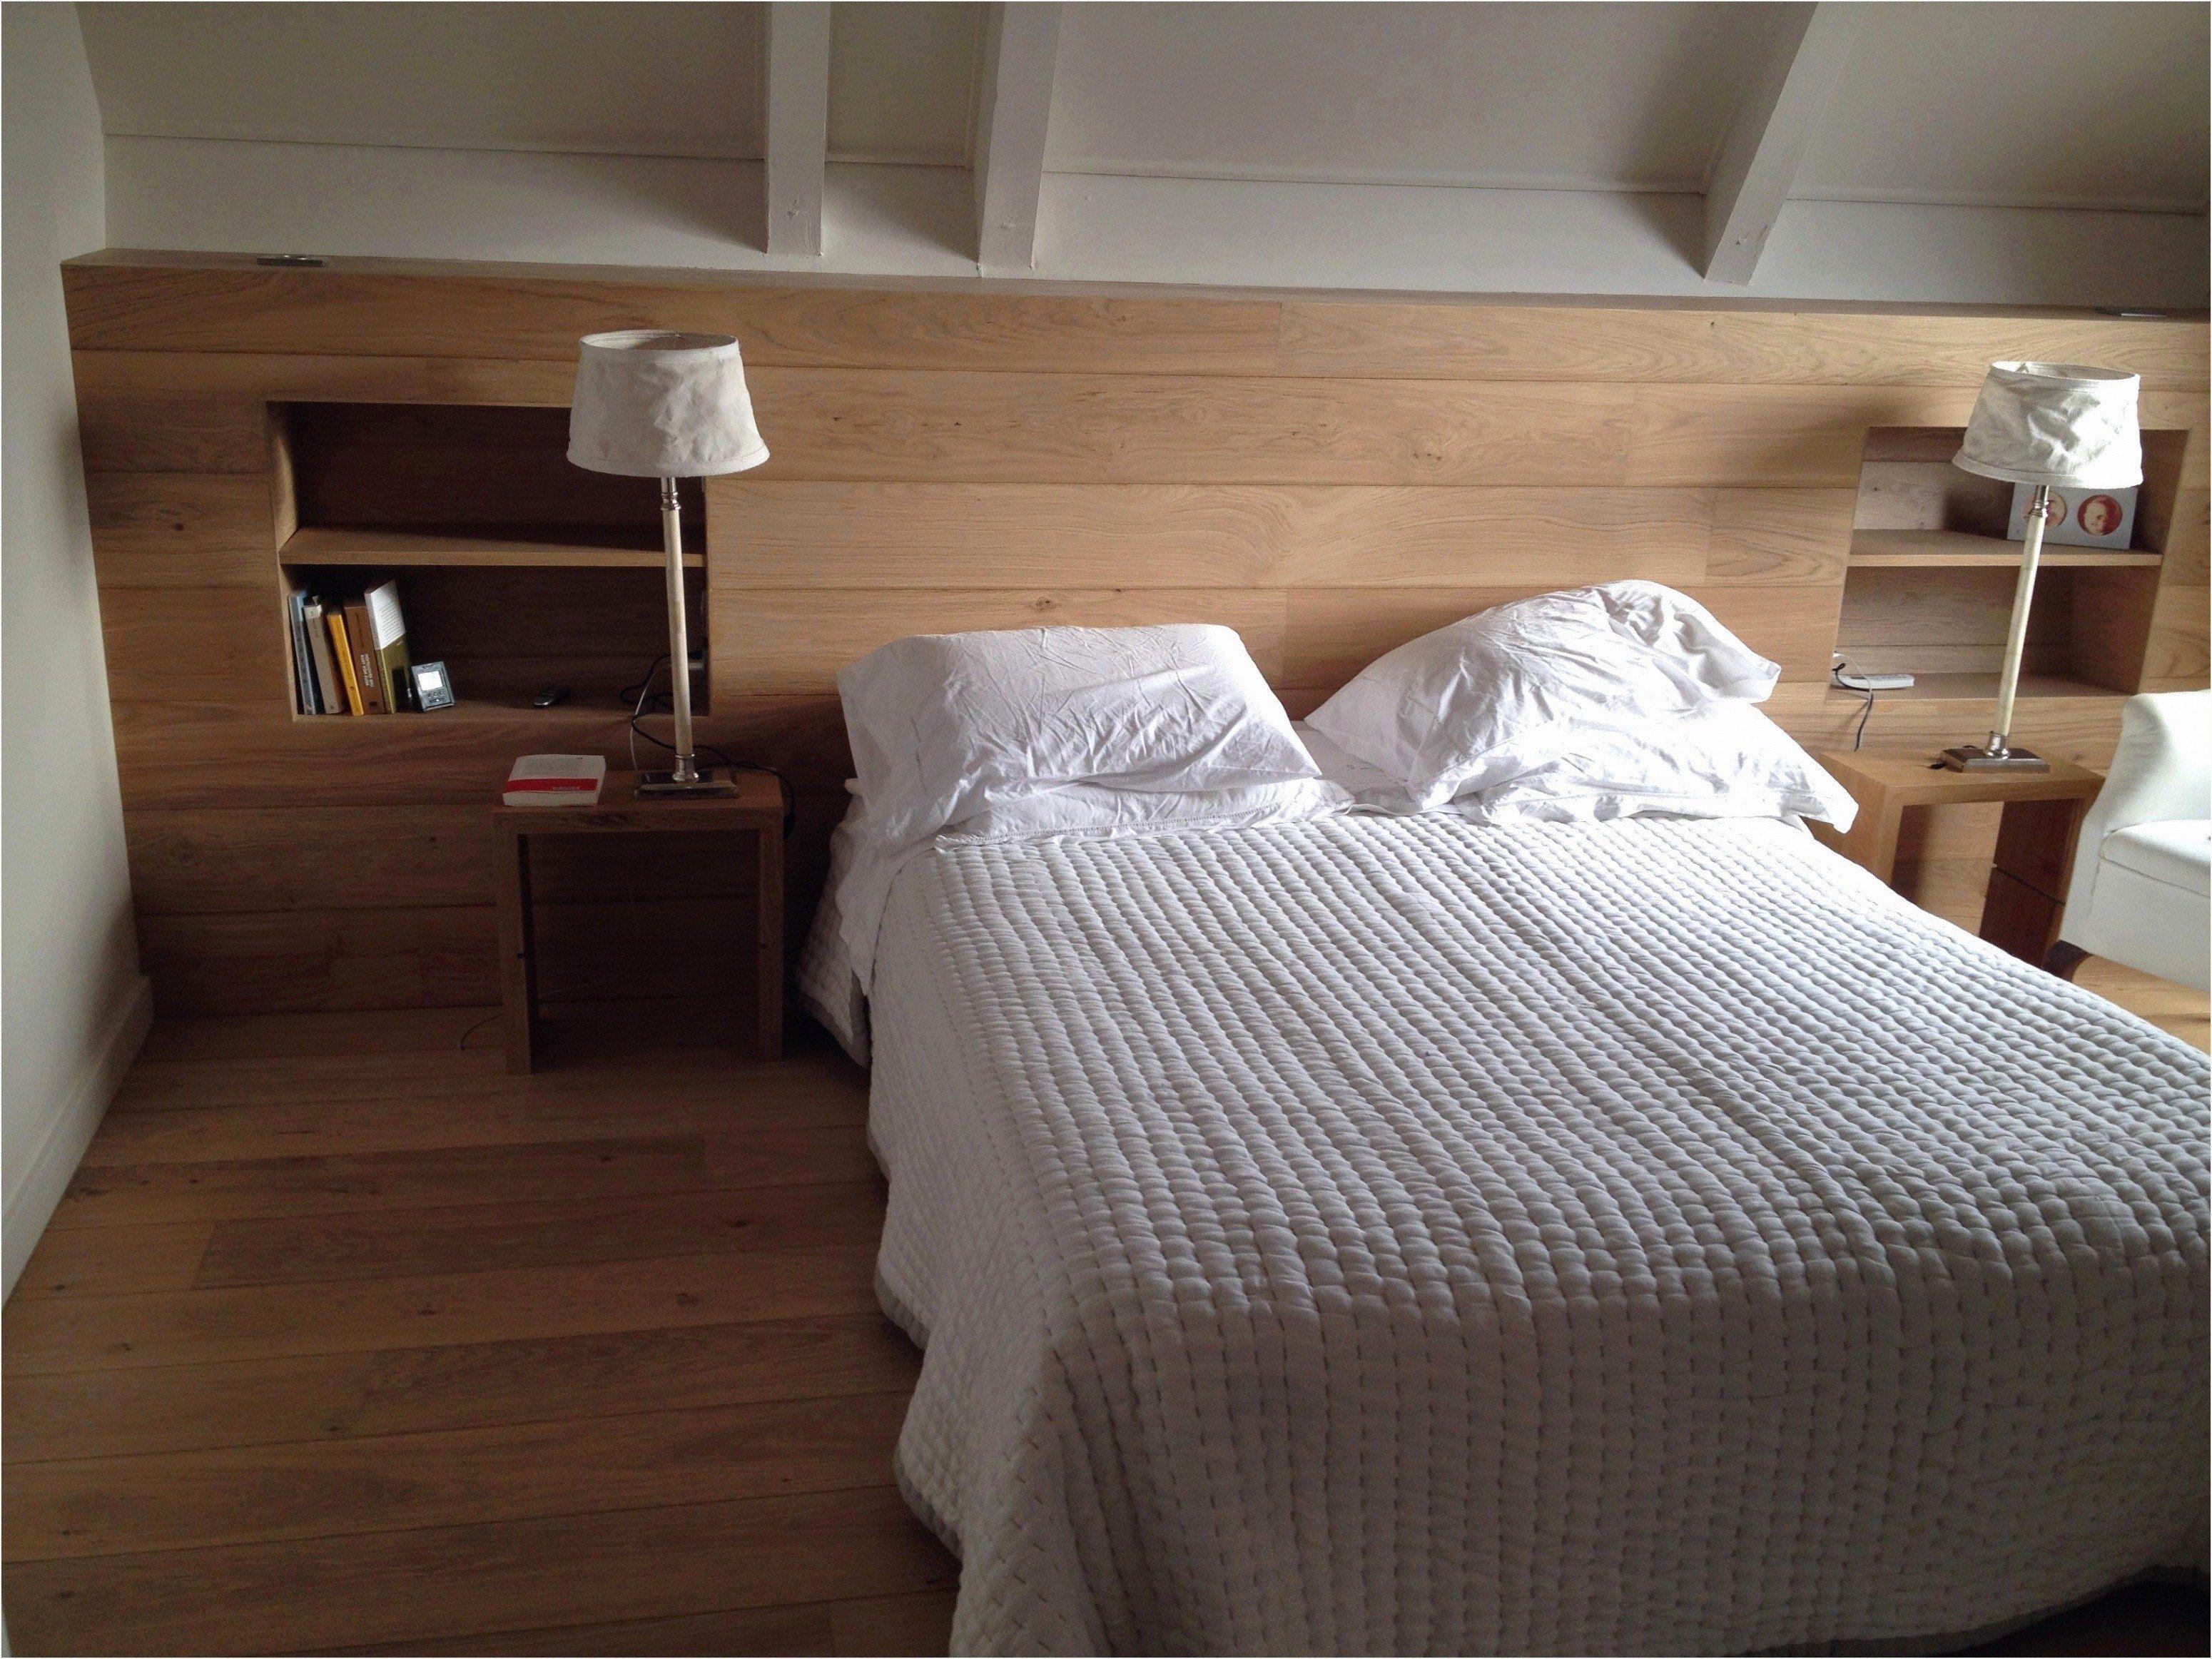 Lit Avec Tête De Lit Rangement 160 X 200 De Luxe Meuble Tete De Lit Ikea